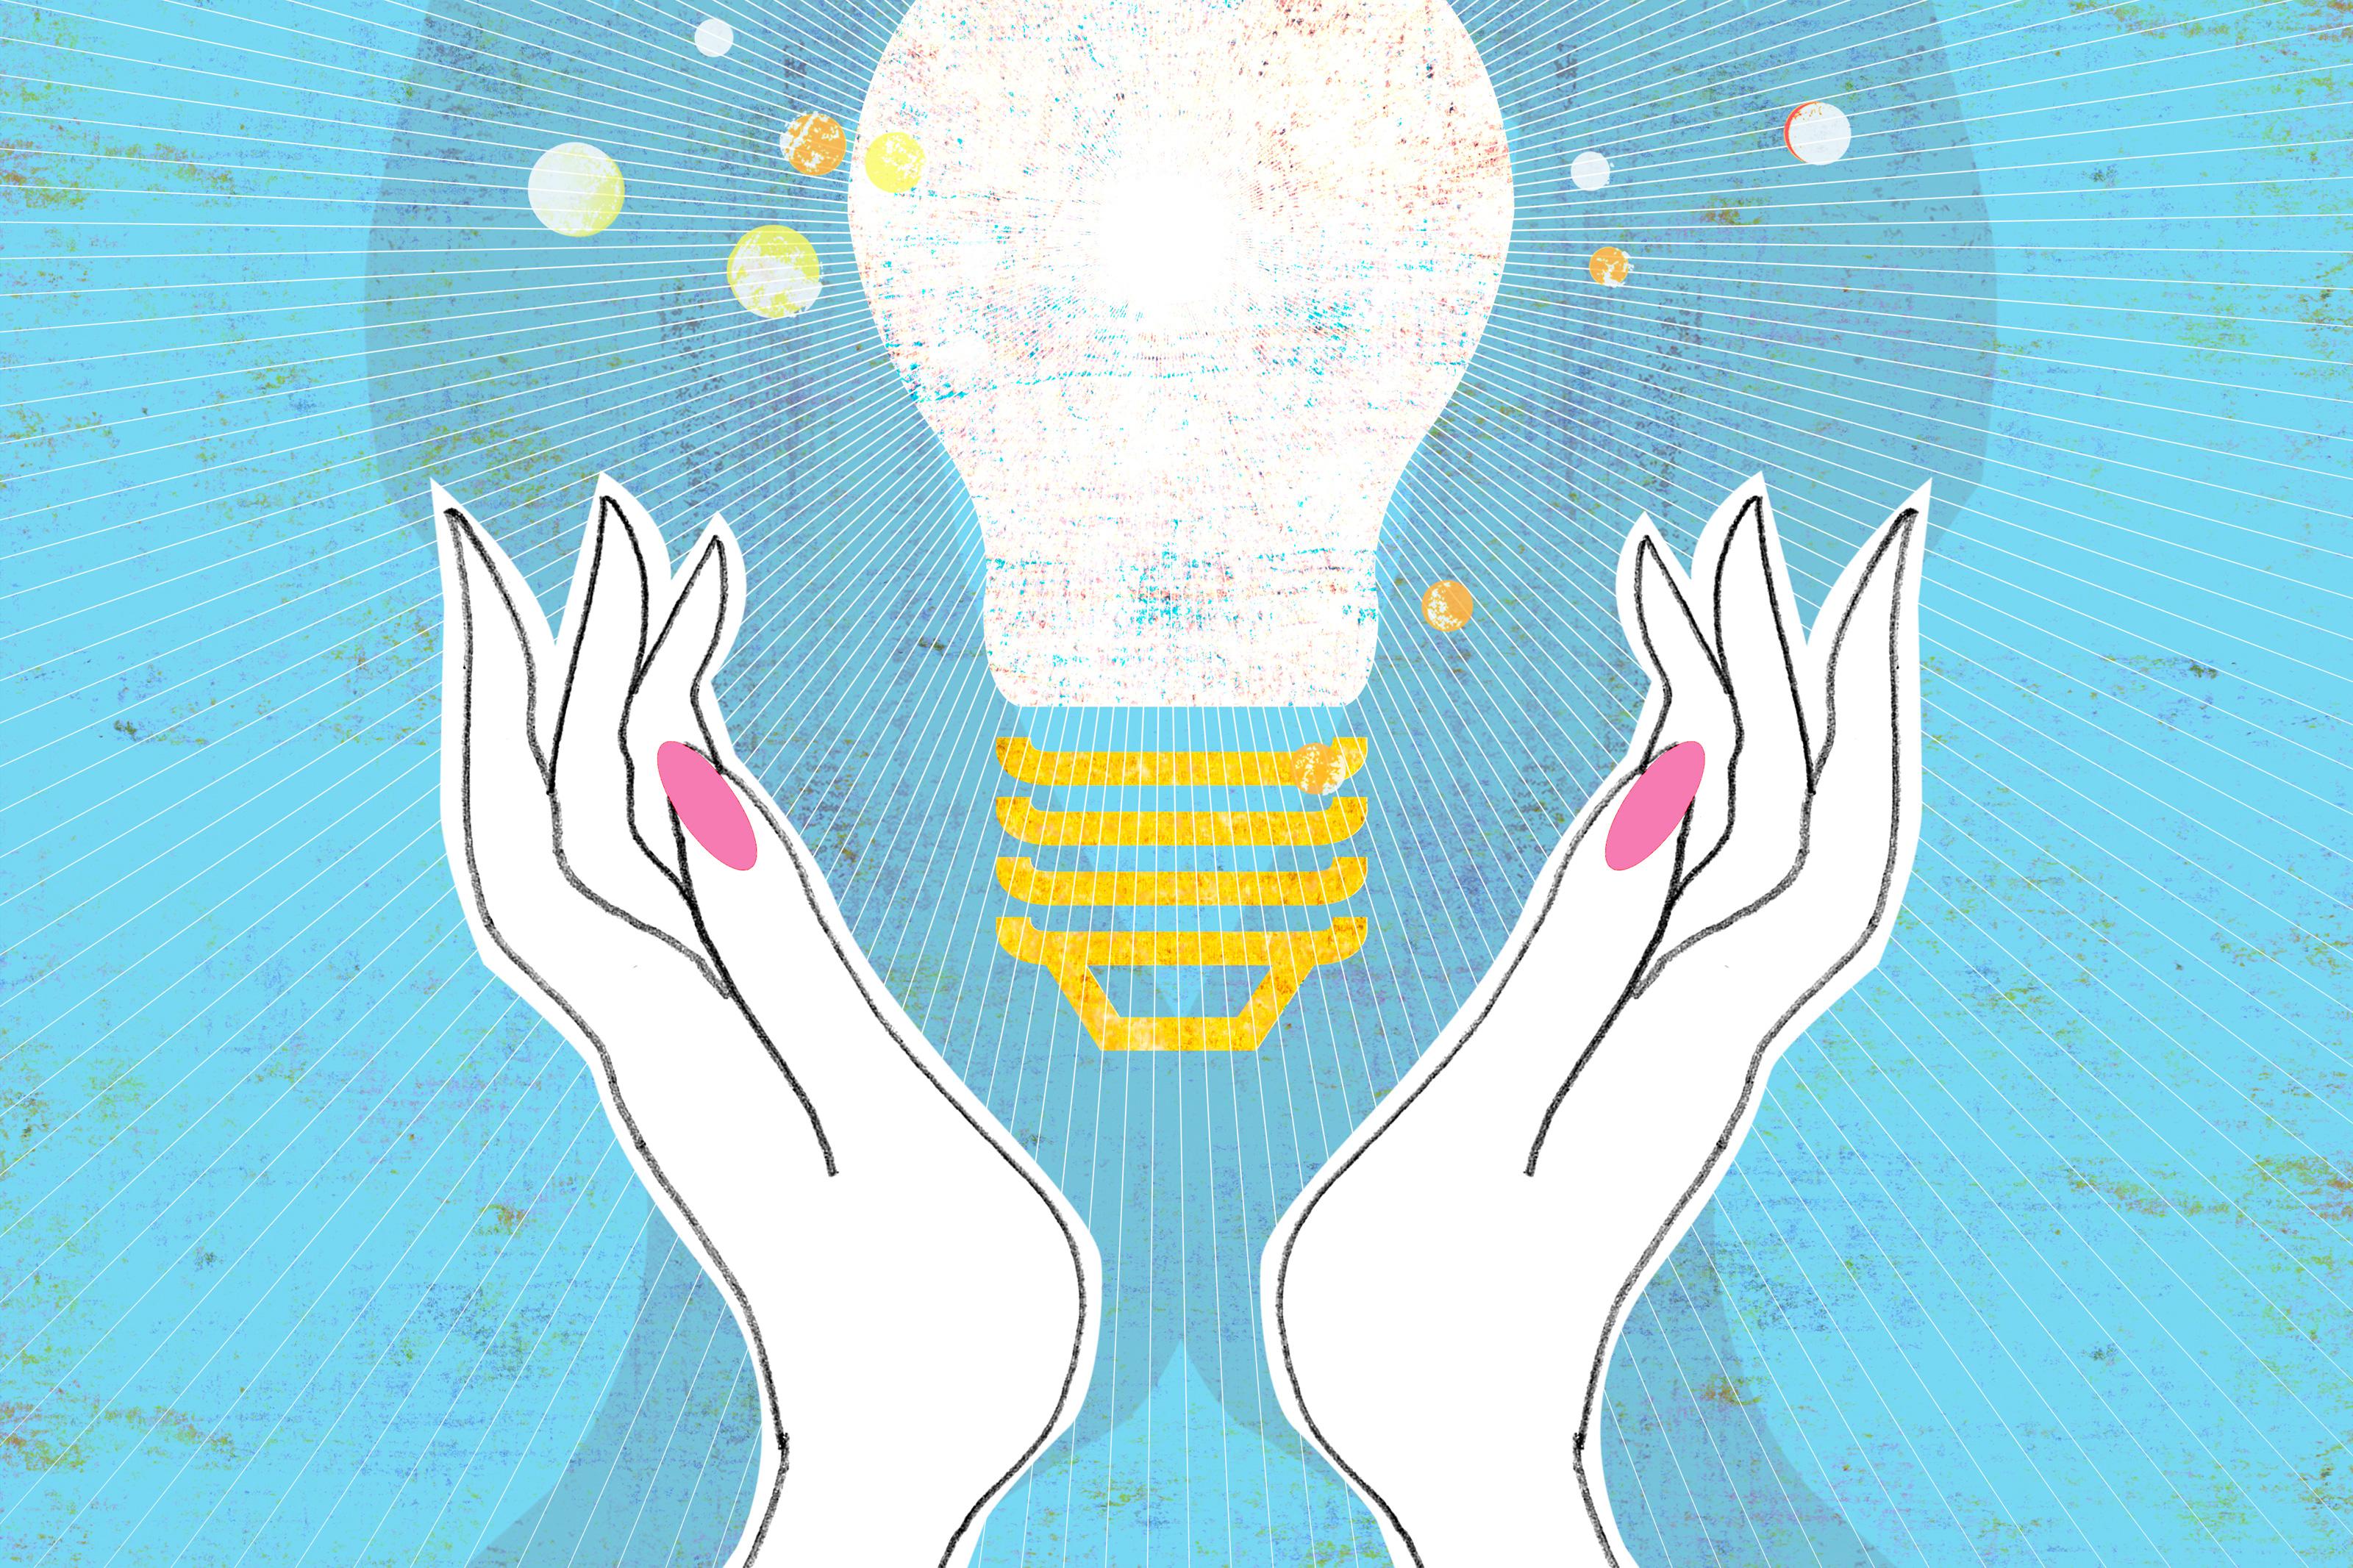 Illustration of hands surrounding a lightbulb